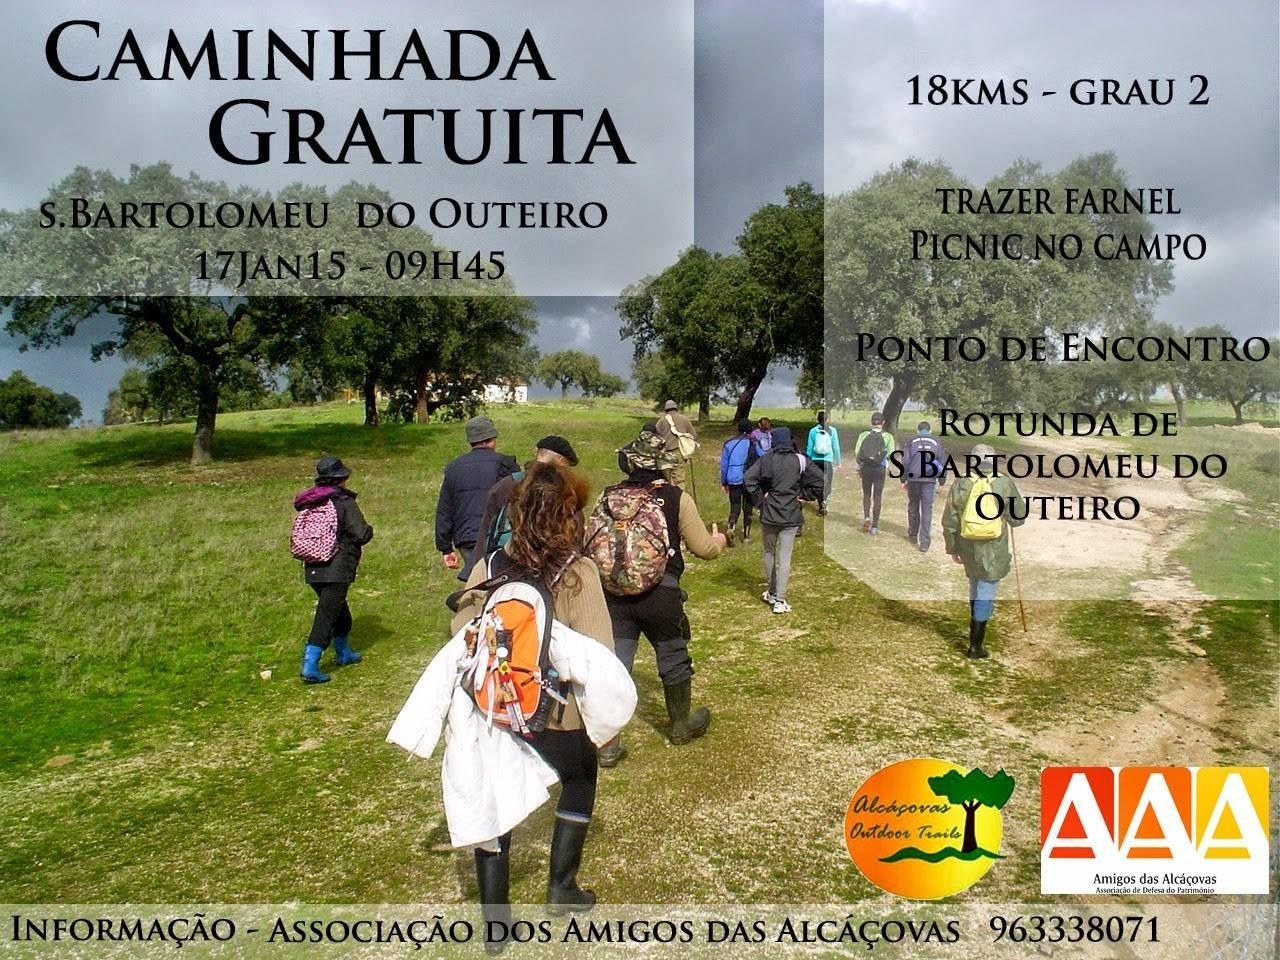 Alcáçovas_Outdoor_Trails_caminhada.jpg